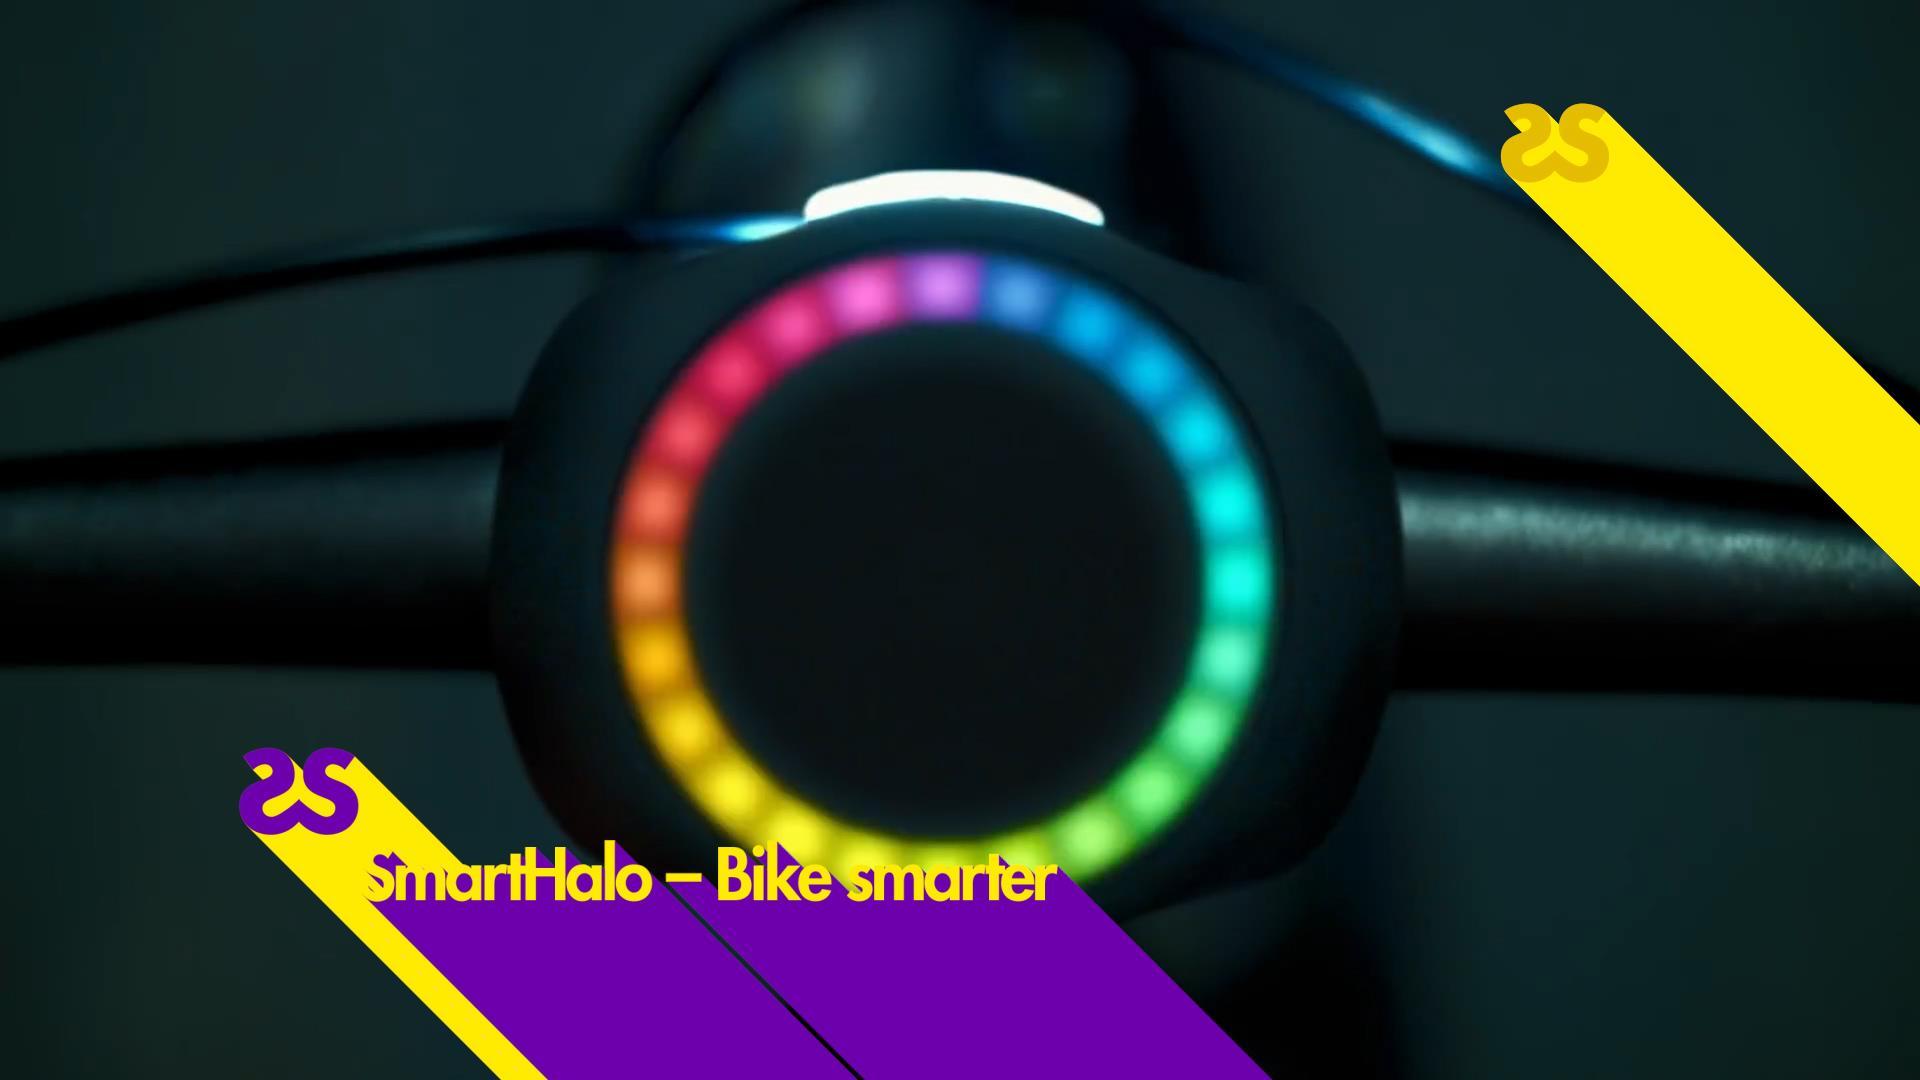 5 migliori accessori e gadget per la bici - SmartHalo